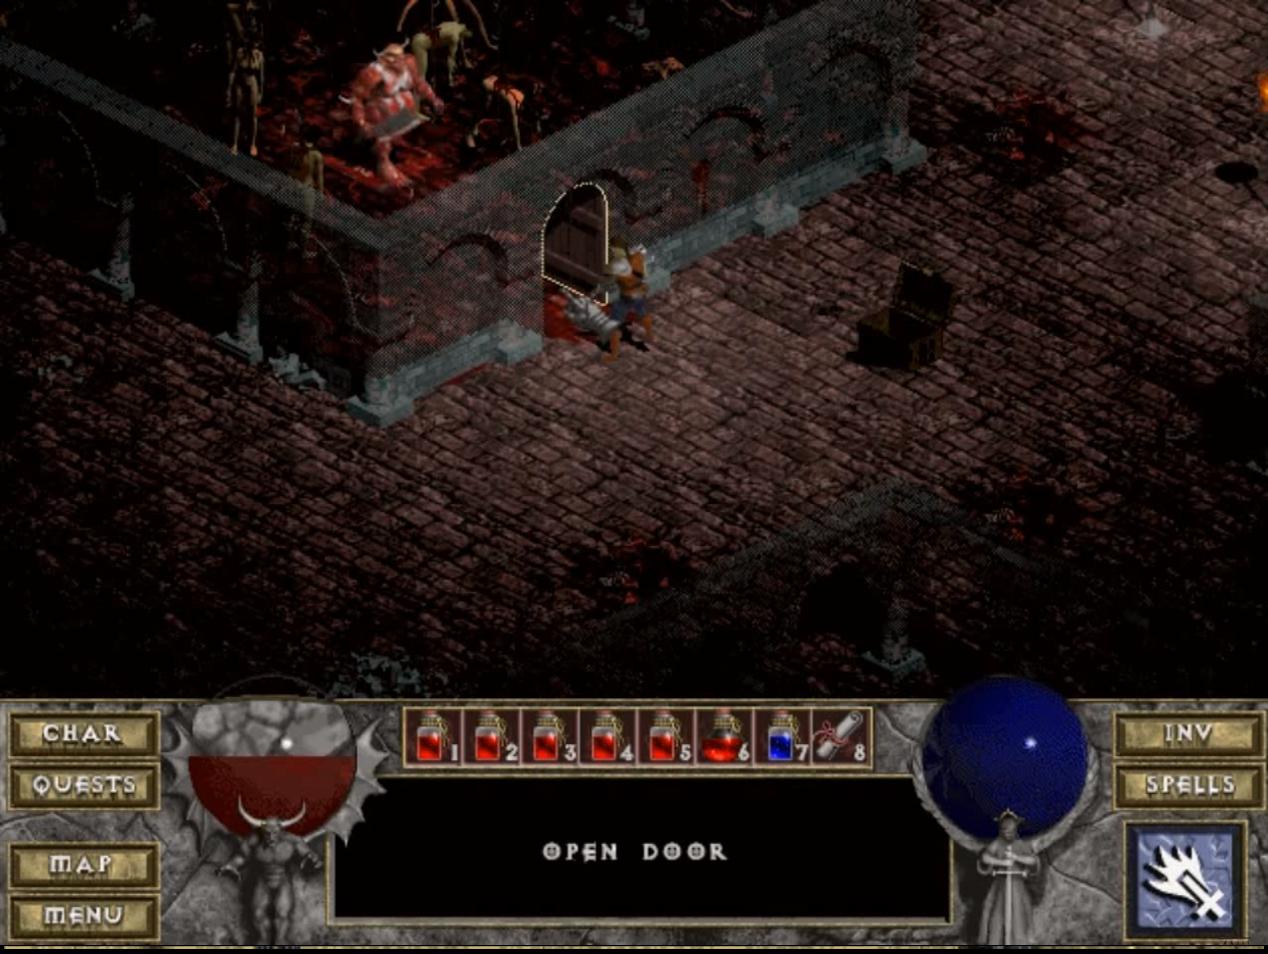 ДЬЯВОЛЬСКАЯ НОСТАЛЬГИЯ | Обзор игры Diablo. - Изображение 7